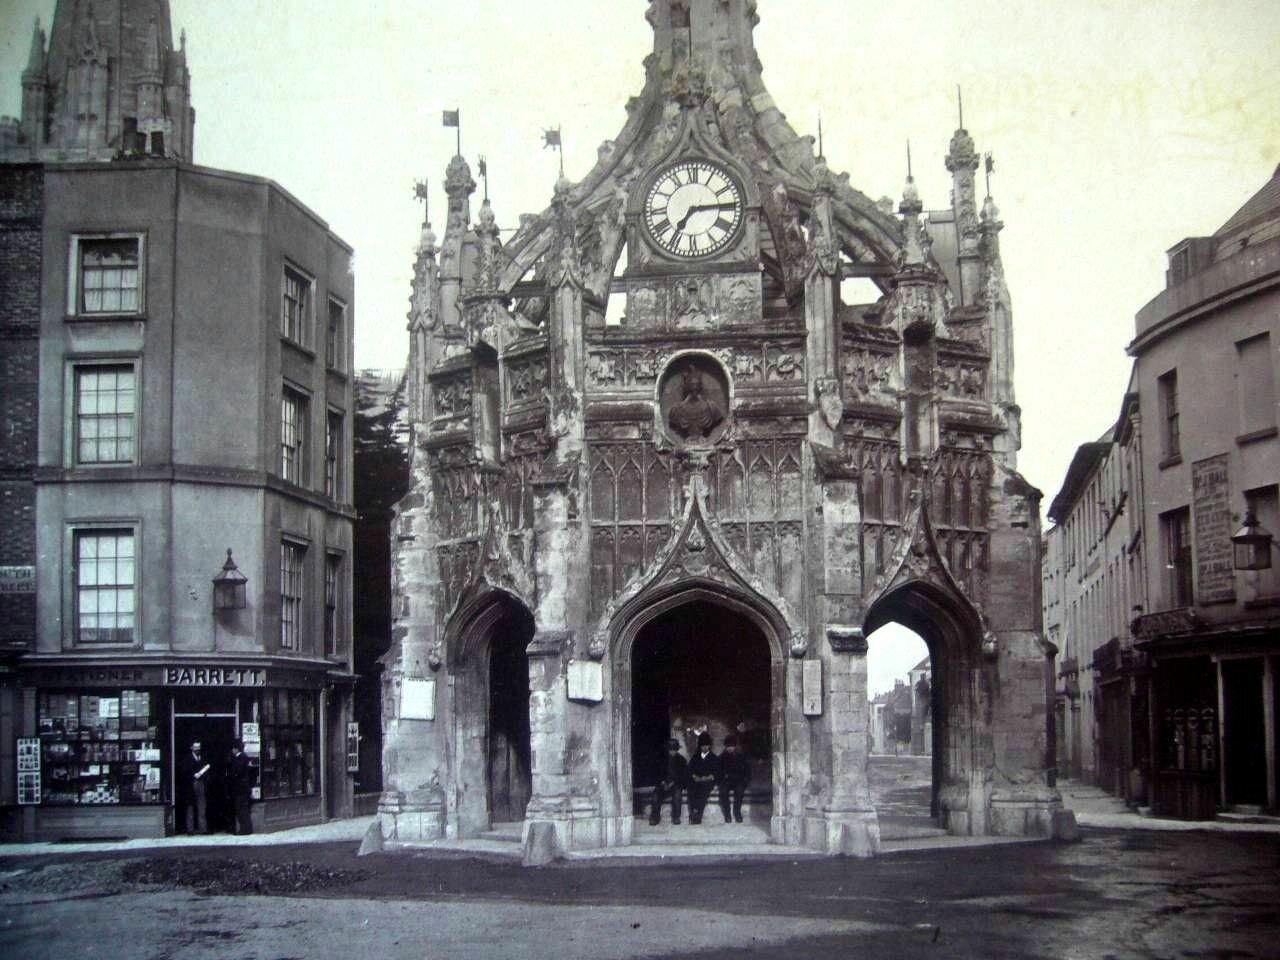 Чичестер. Рыночный крест. 1870